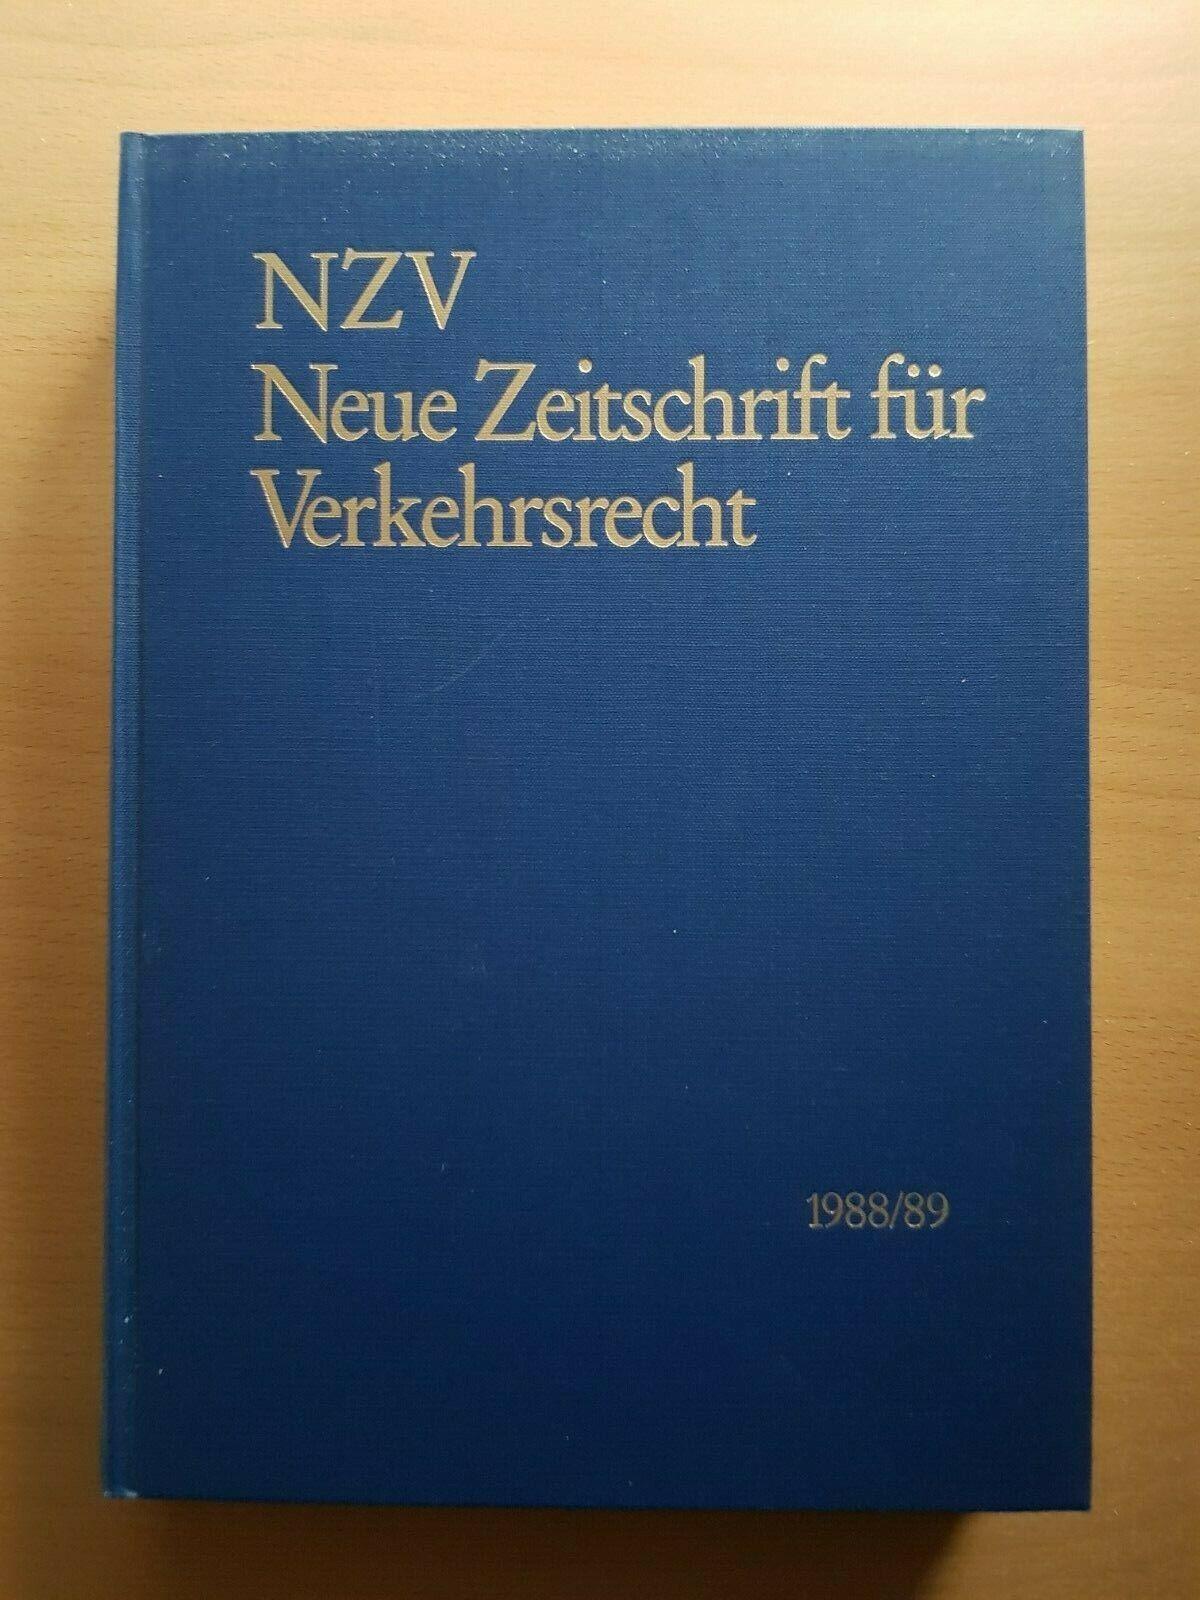 NZV Neue ZEITSCHRIFT für VERKEHRSRECHT Jahrgang 1988 1989 Original Gebunden